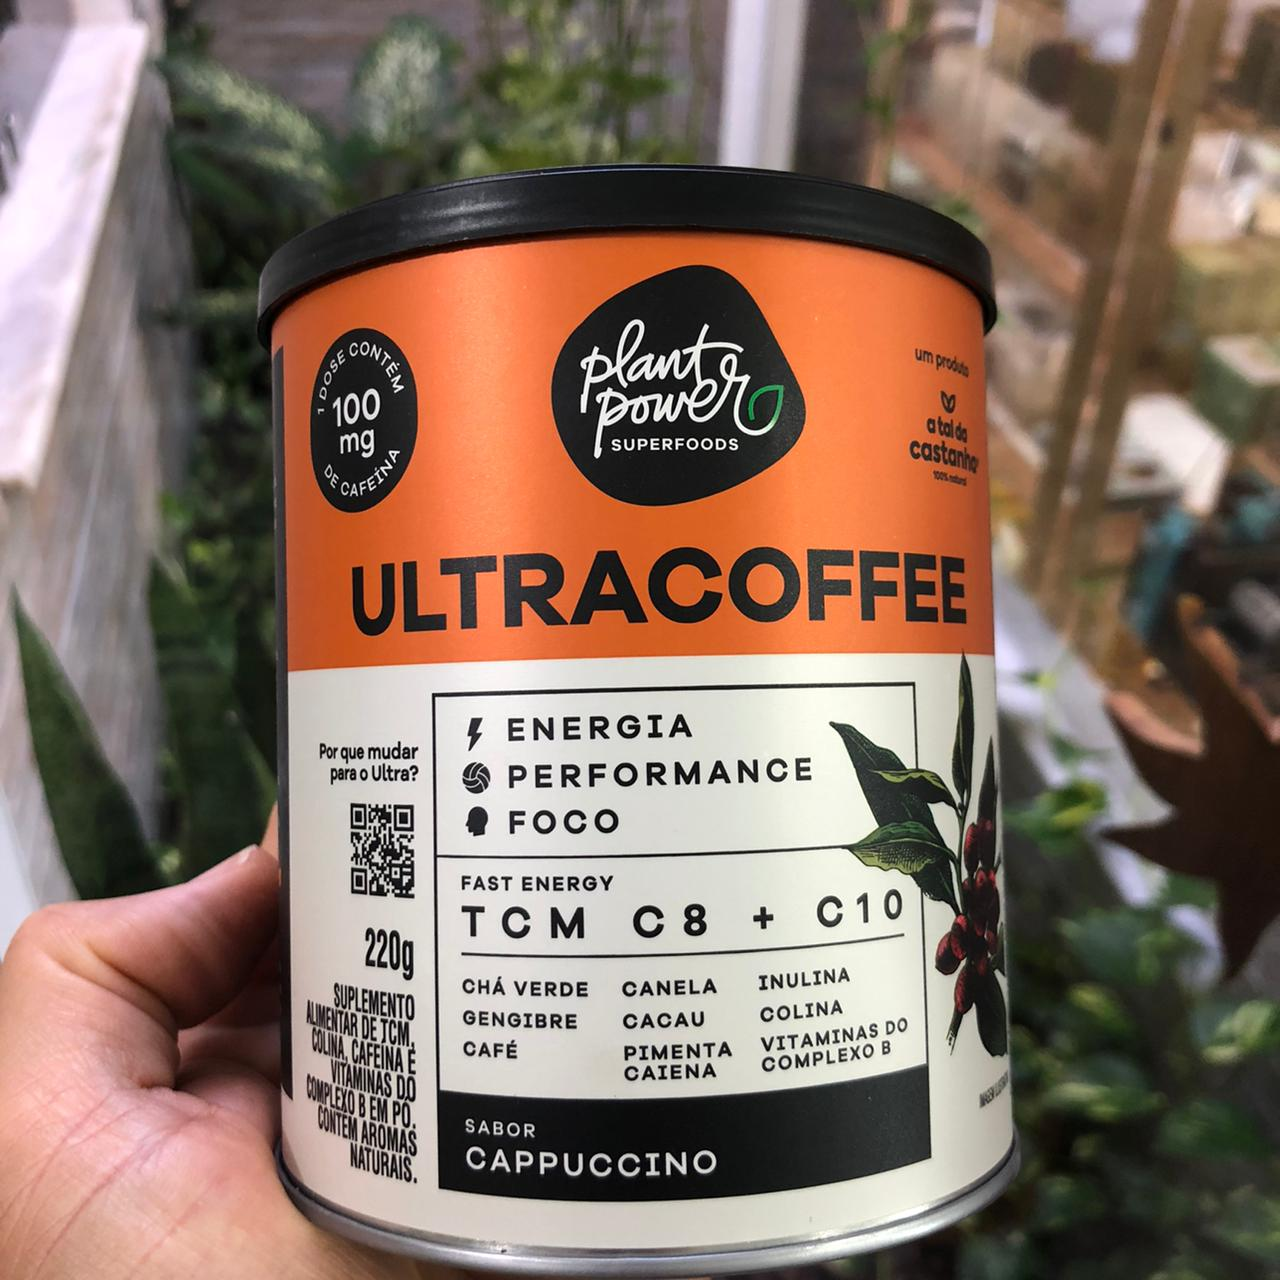 Ultracoffee Cappuccino 220g Plant Power A Tal da Castanha (BR) – Mercato  Verde– Loja de Produtos Naturais em Aracaju